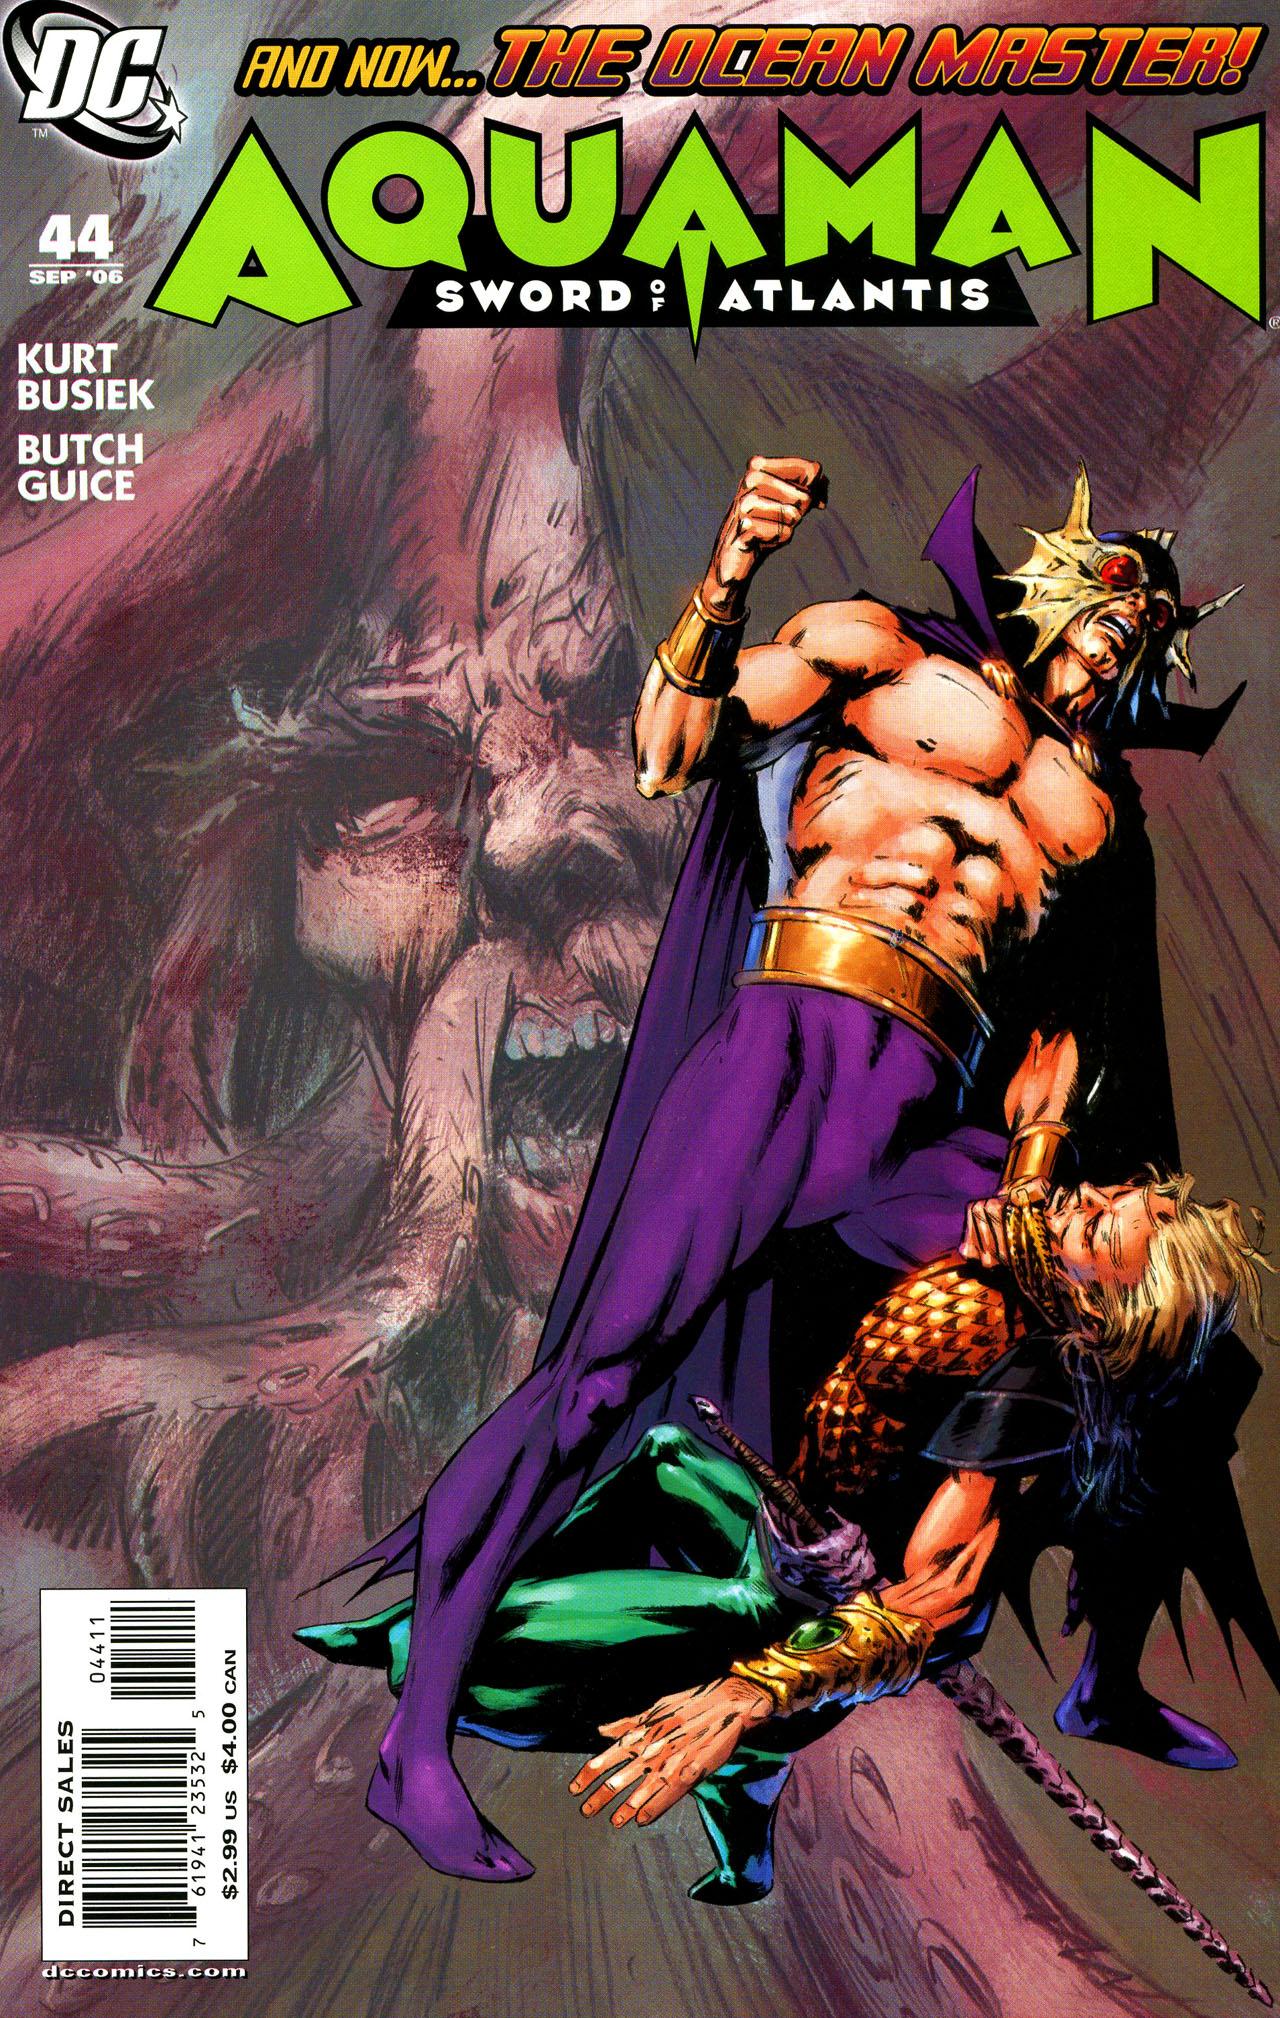 Read online Aquaman: Sword of Atlantis comic -  Issue #44 - 1